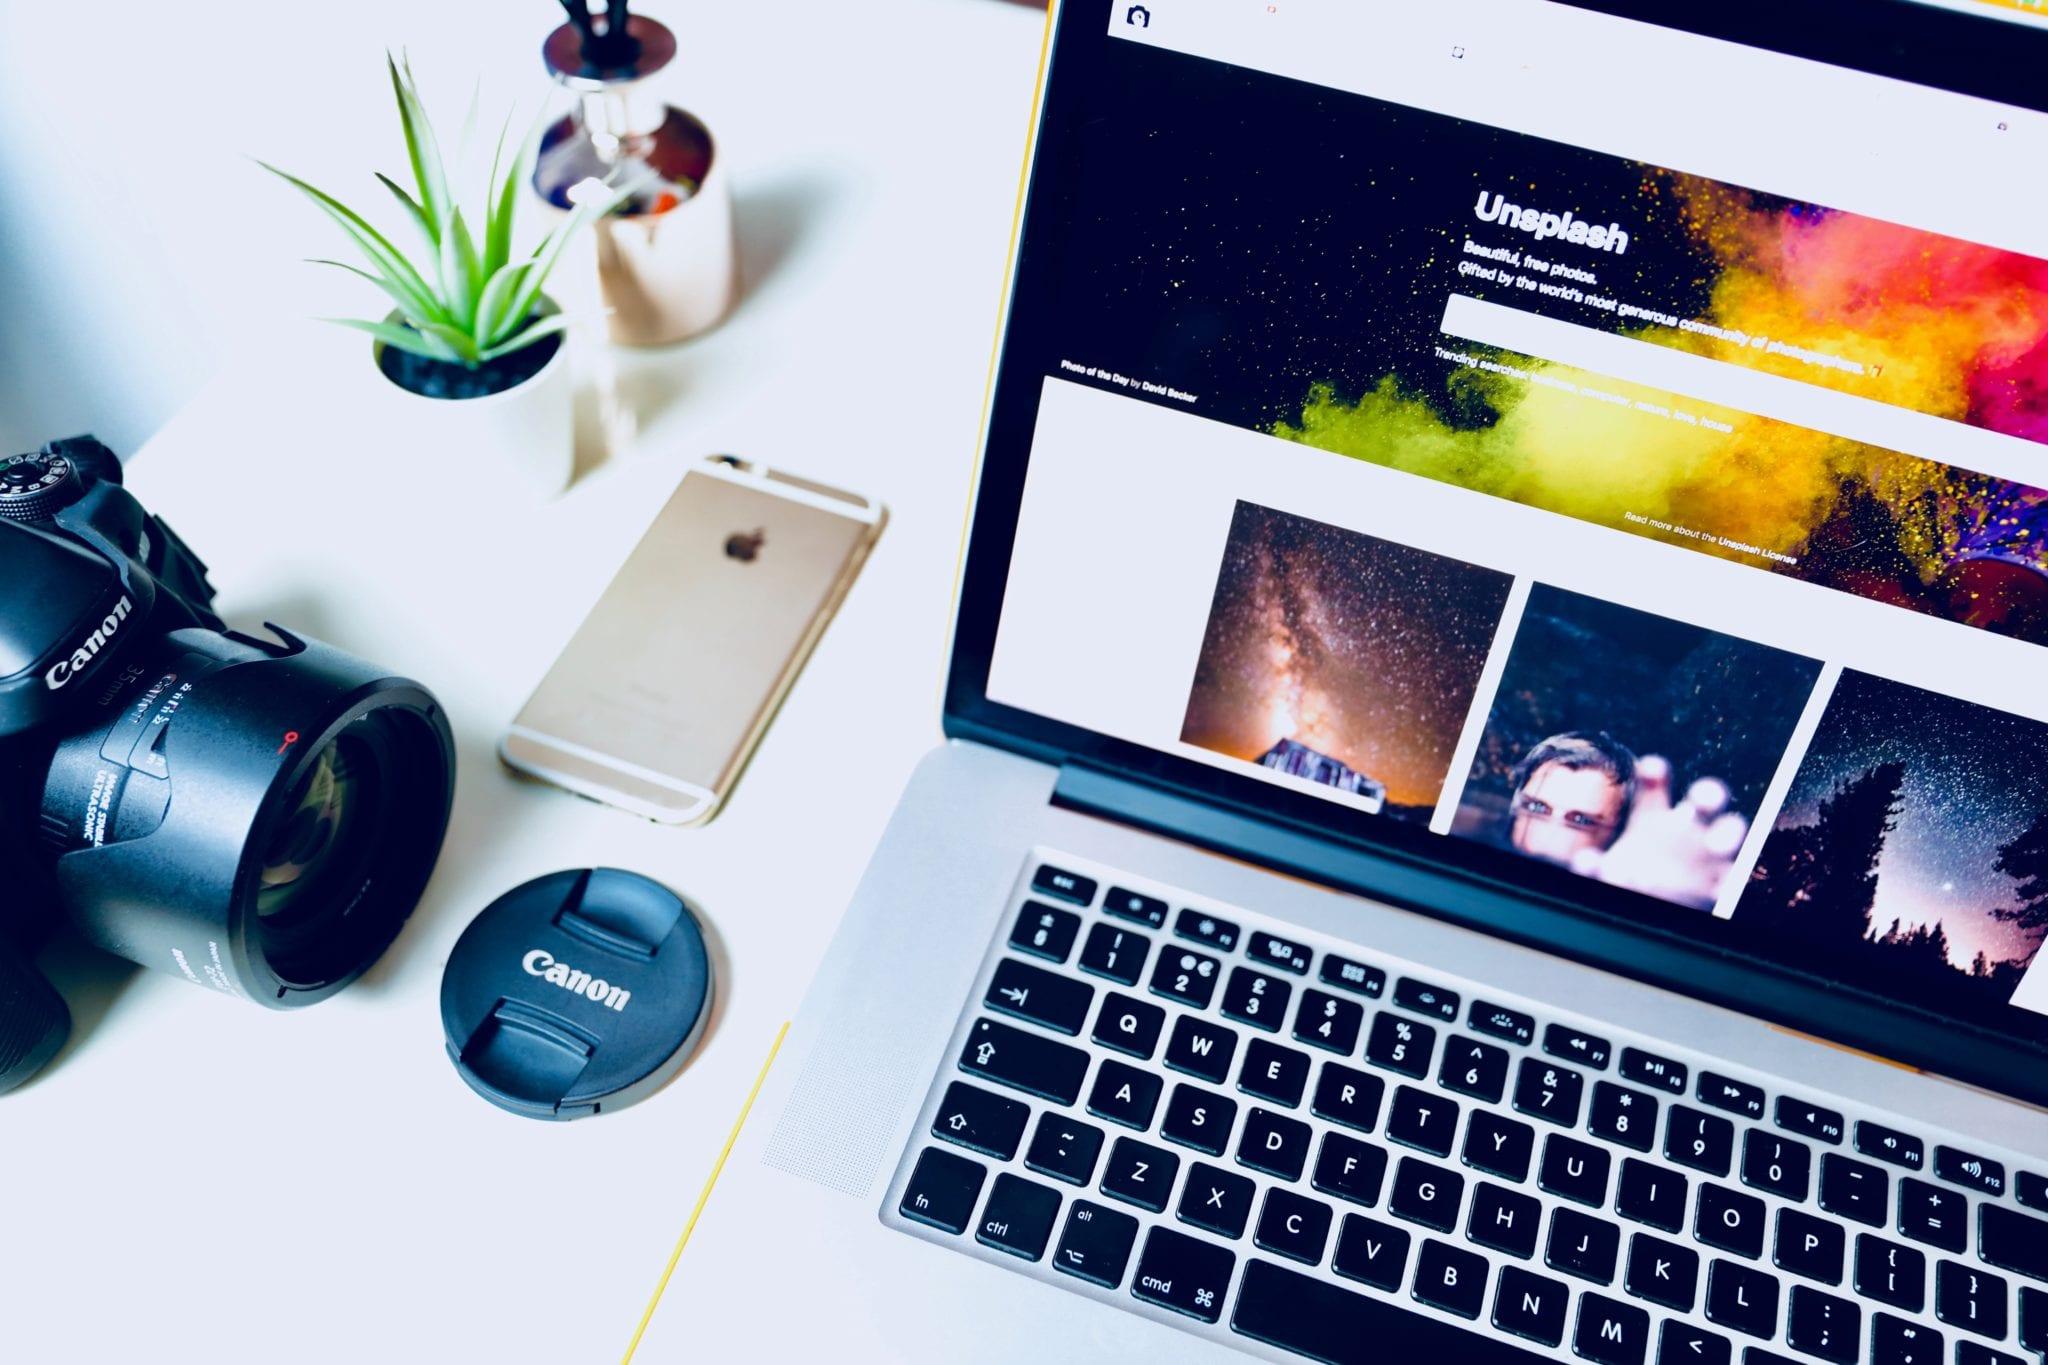 black friday cyber monday ร้านขายอุปกรณ์อิเล็กทรอนิกส์ เครื่องใช้ไฟฟ้าลดราคา สินค้าลดราคา โปรโมชั่น ของลดราคา